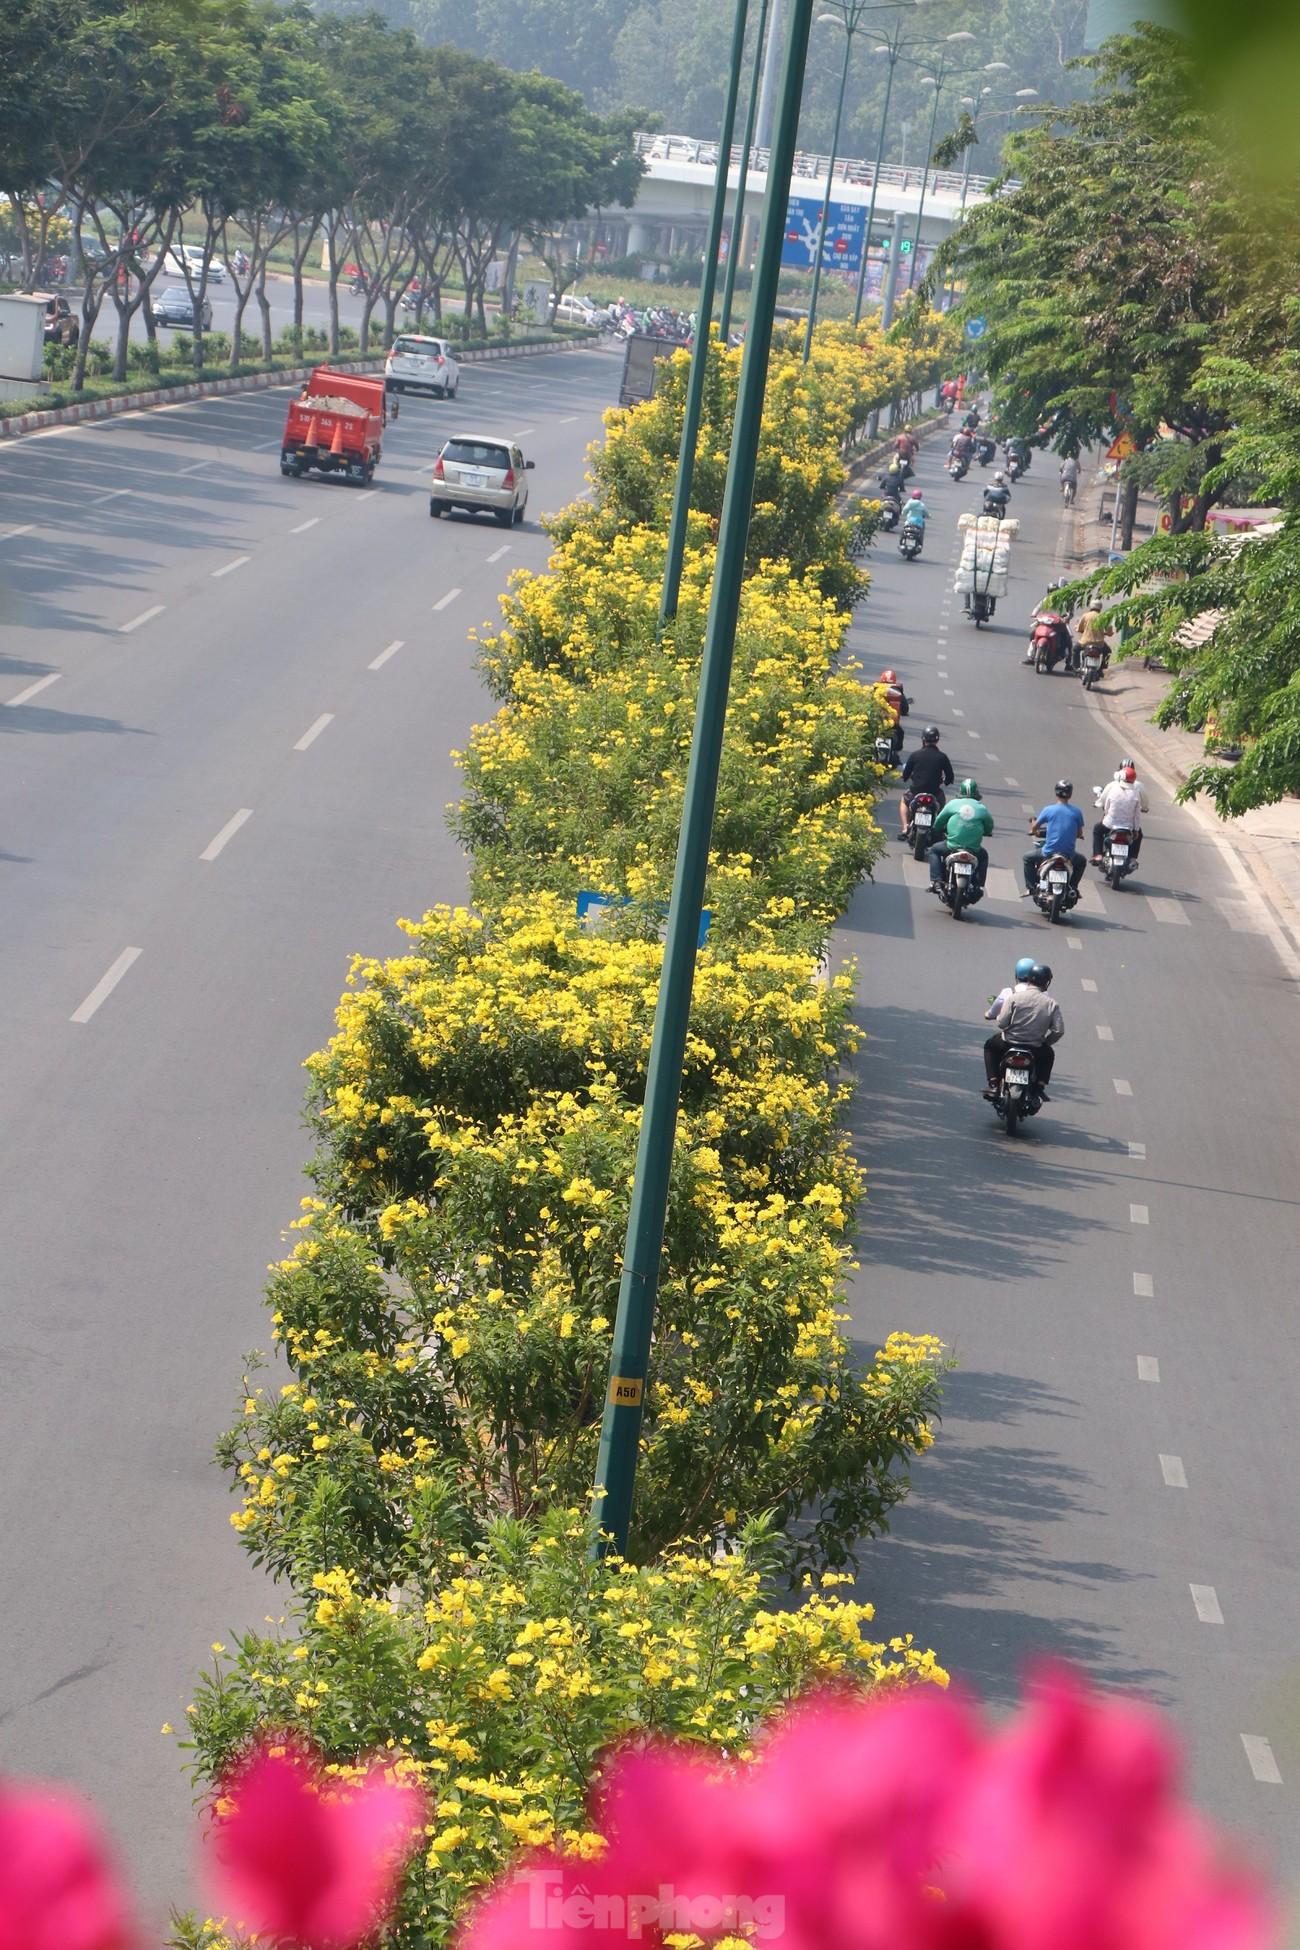 Hoa huỳnh liên nở vàng rực đường phố Sài Gòn ngày giáp Tết ảnh 3